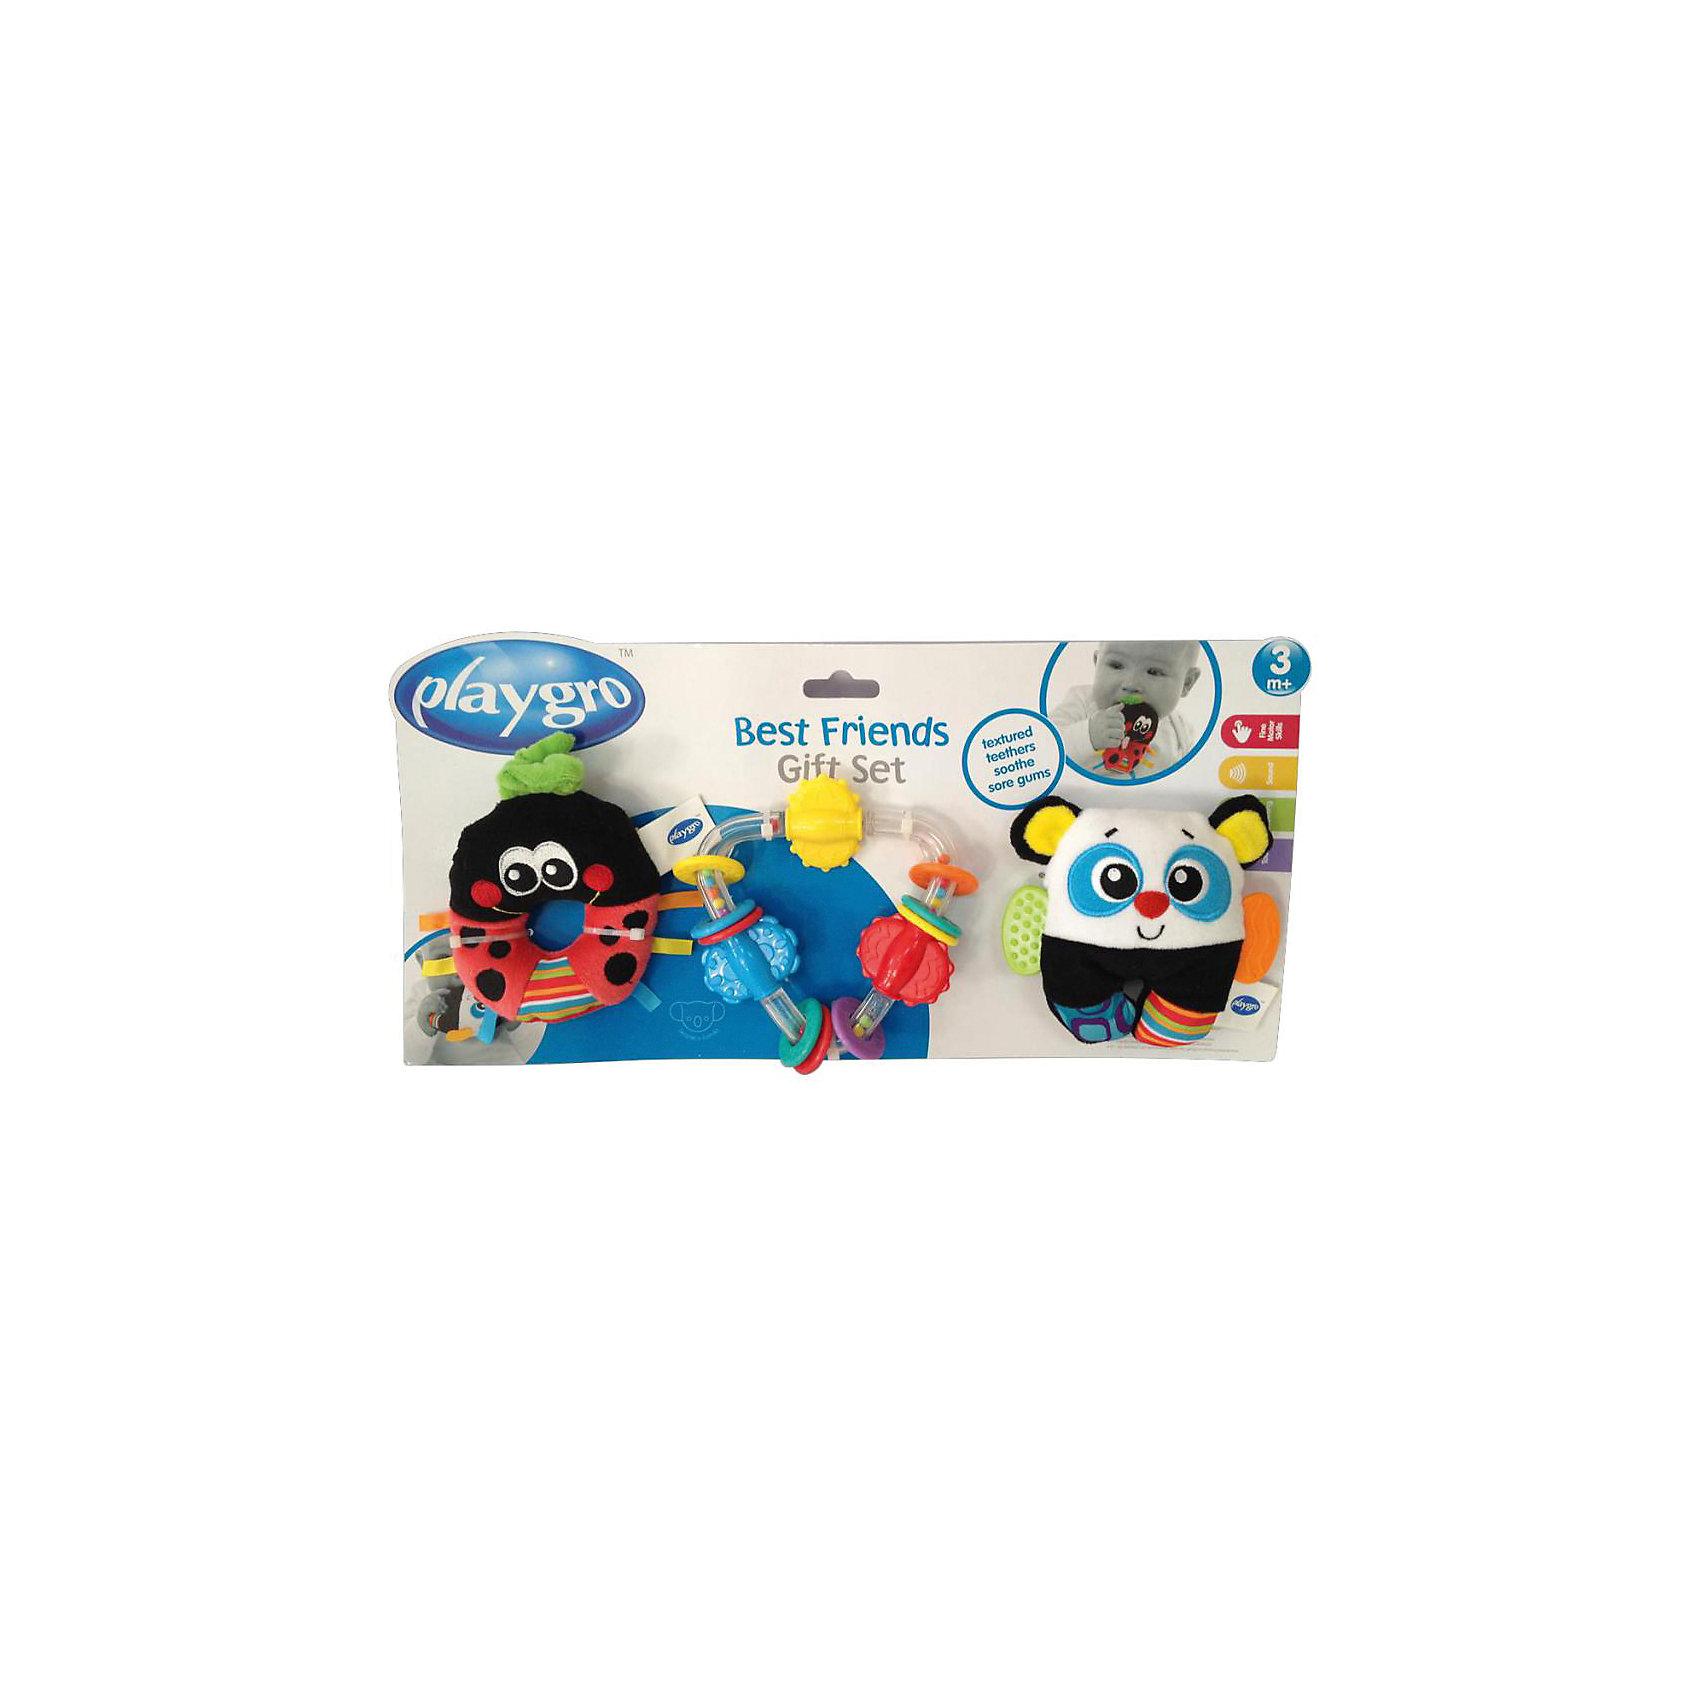 Игровой набор (3 погремушки)Развивающие игрушки<br>В игровой набор входит 3 игрушки-погремушки с элементами для прорезывания зубов. Каждая из них несет в себе не только занимательные игры, но и целый комплекс развивающих элементов, они способствуют развитию таких навыков как: моторика, тактильные ощущения, визуальное с слуховое восприятие, причинно-следственные связи.<br><br>Ширина мм: 335<br>Глубина мм: 180<br>Высота мм: 45<br>Вес г: 300<br>Возраст от месяцев: 3<br>Возраст до месяцев: 180<br>Пол: Унисекс<br>Возраст: Детский<br>SKU: 4837596